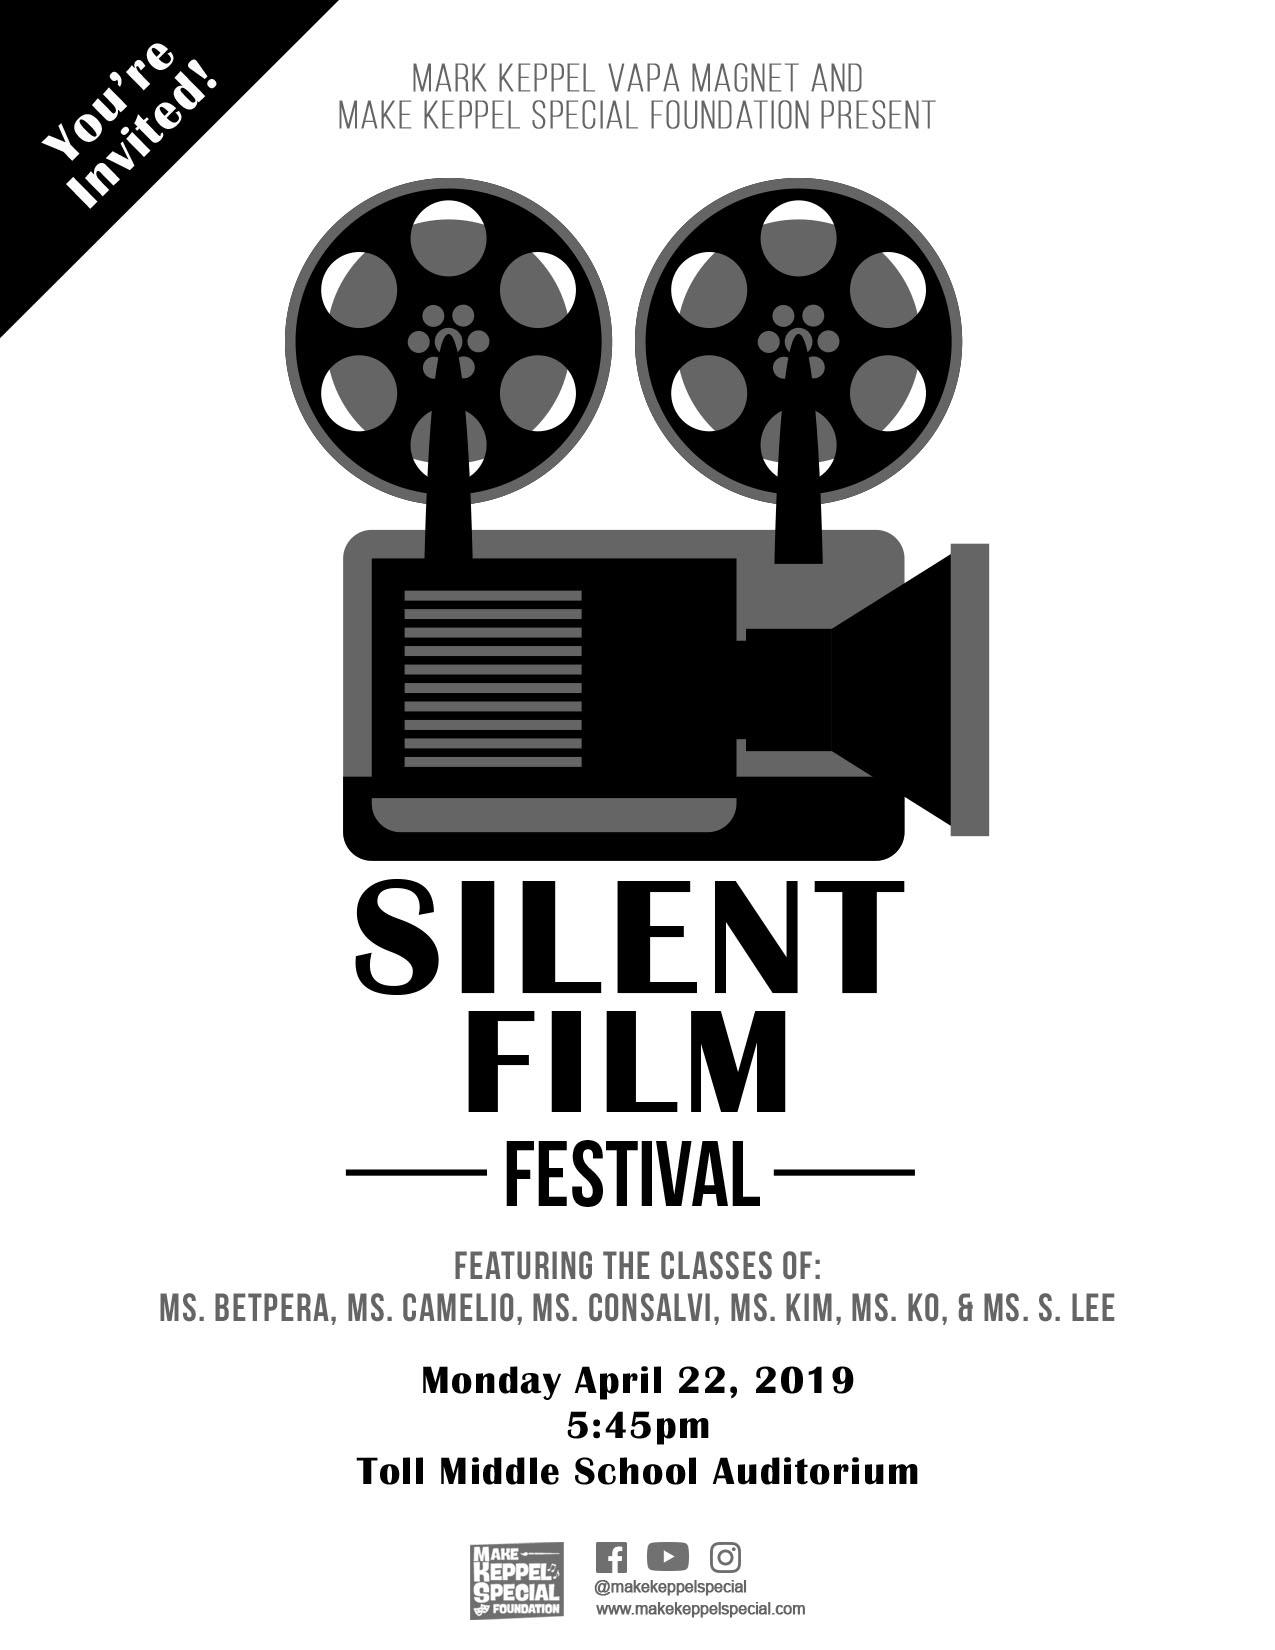 Silent Film Festival Invite_v2.jpg